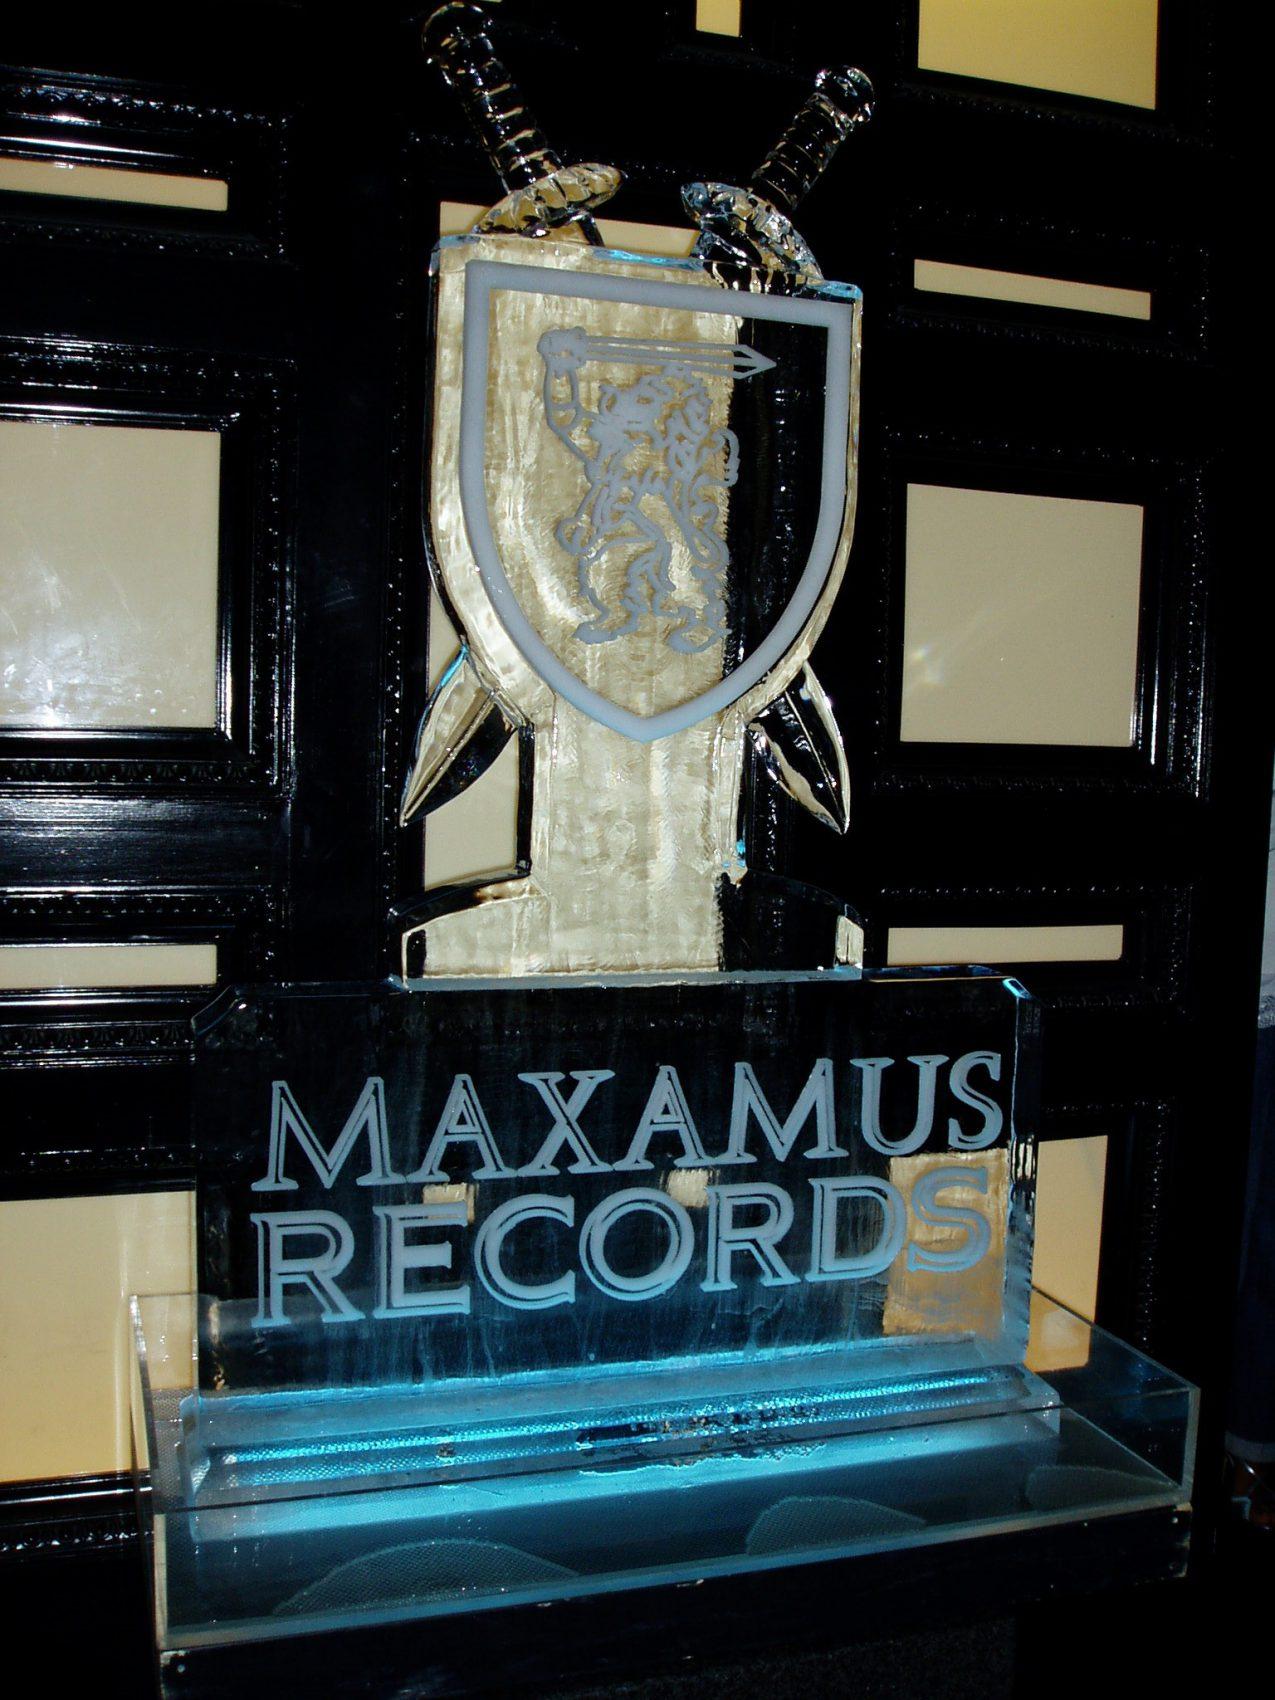 Maxamus Records